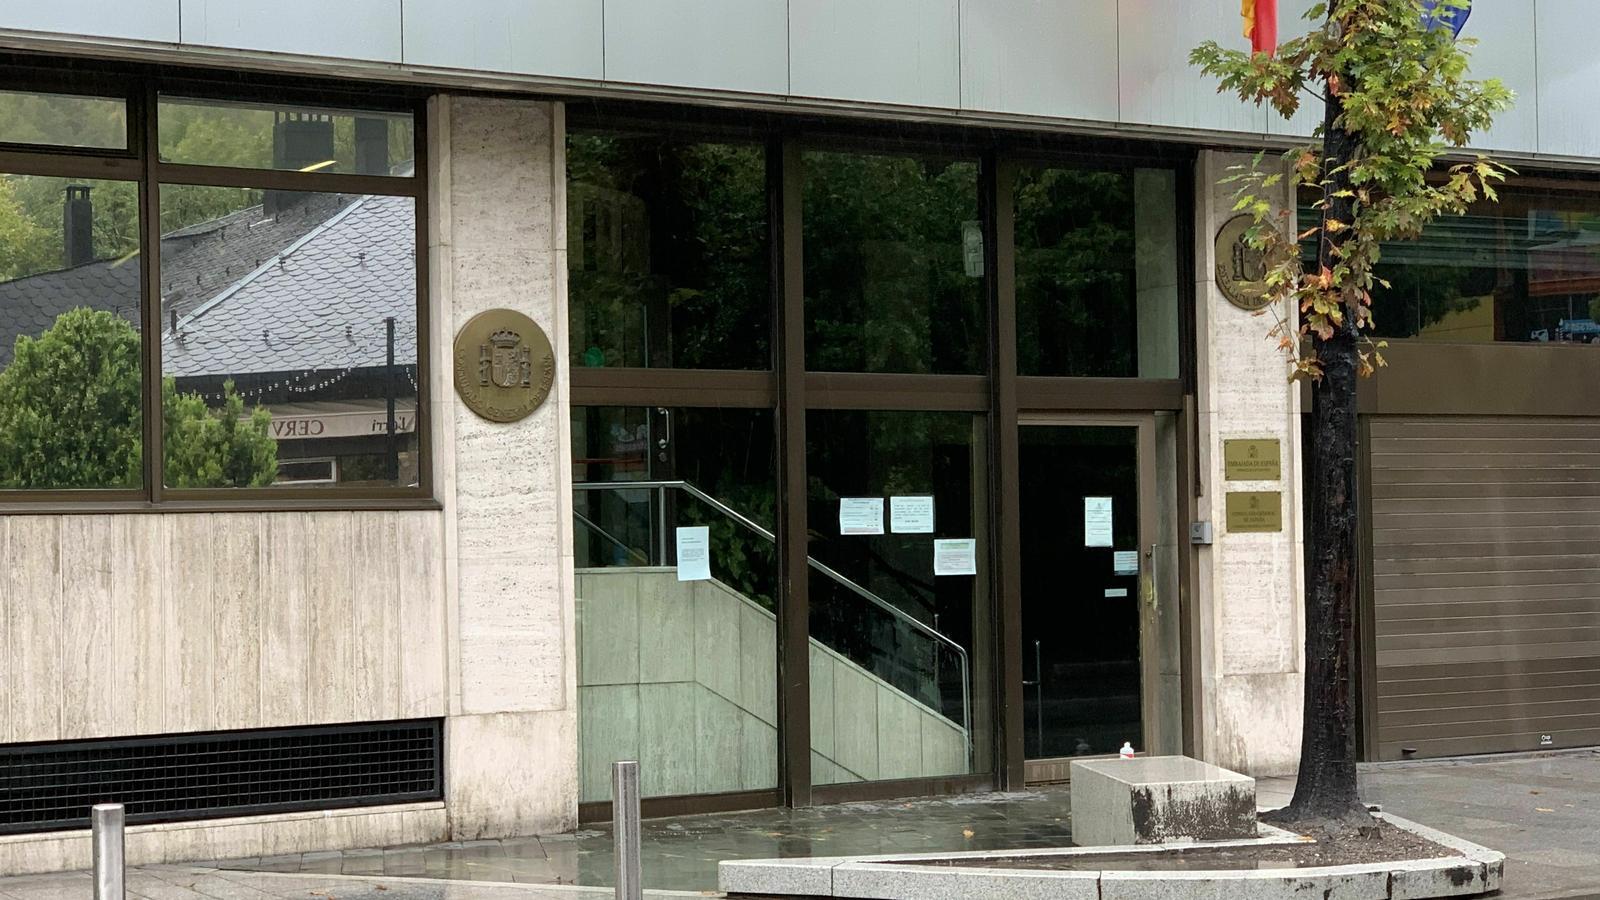 L'Ambaixada d'Espanya a Andorra. / C. A.